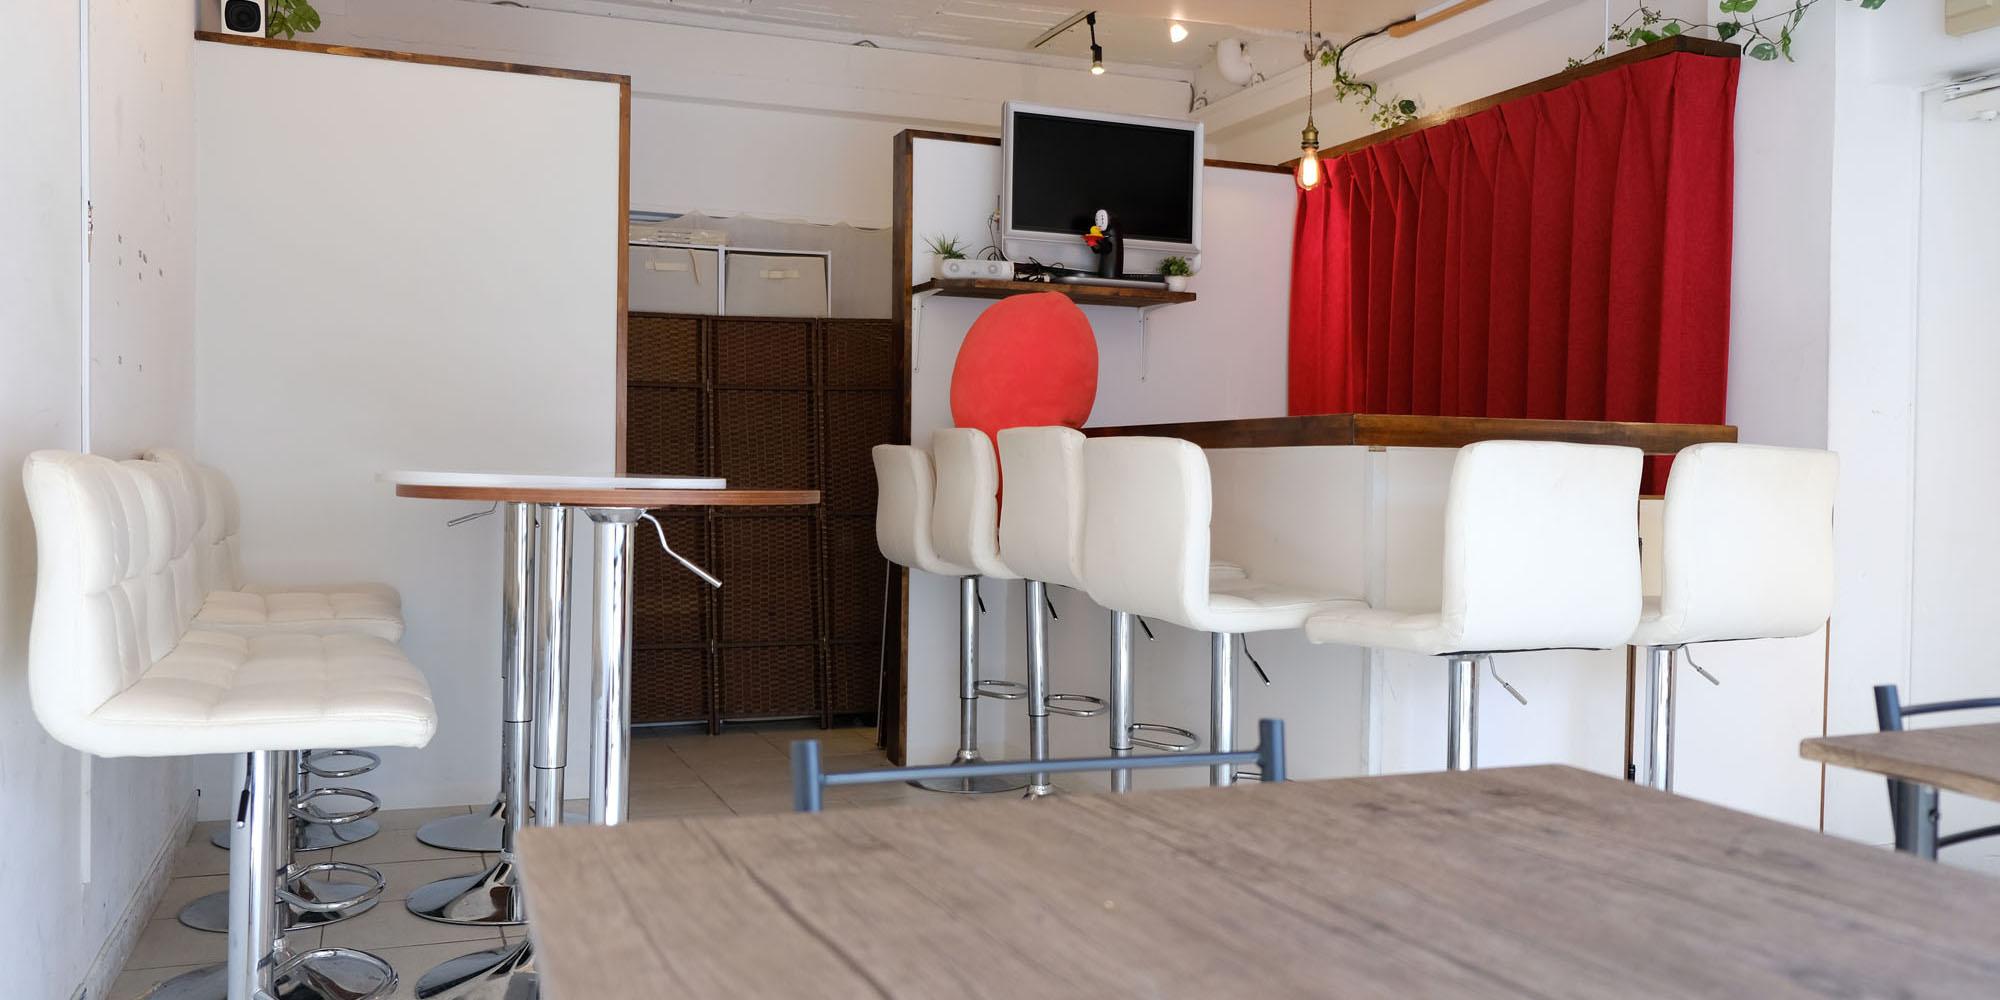 秋葉原のレンタルスペース・レンタルカフェ「ホワイトエレファント」